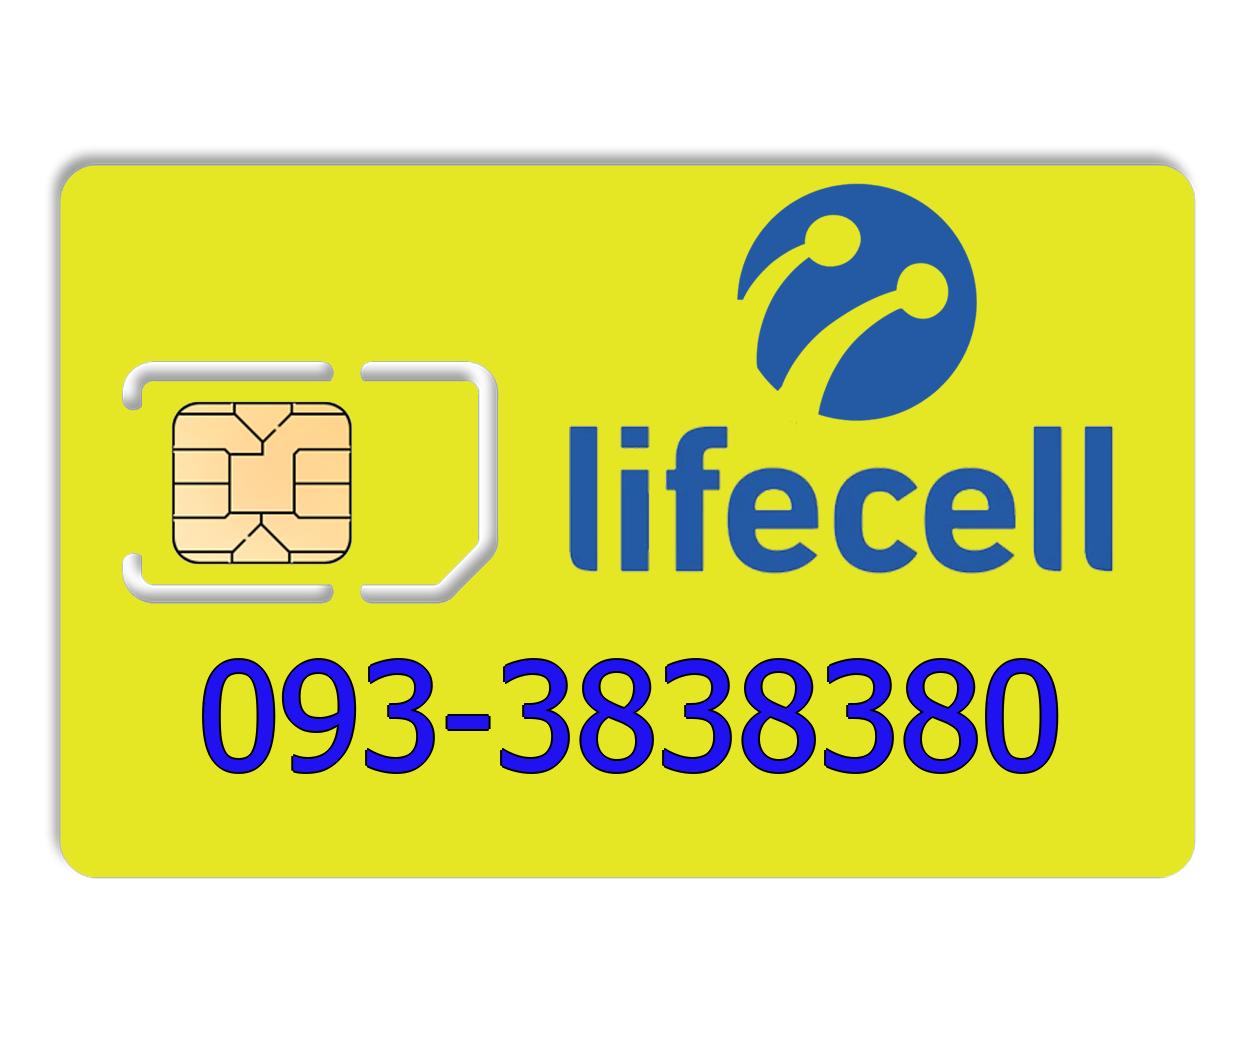 Красивый номер lifecell 093-3838380